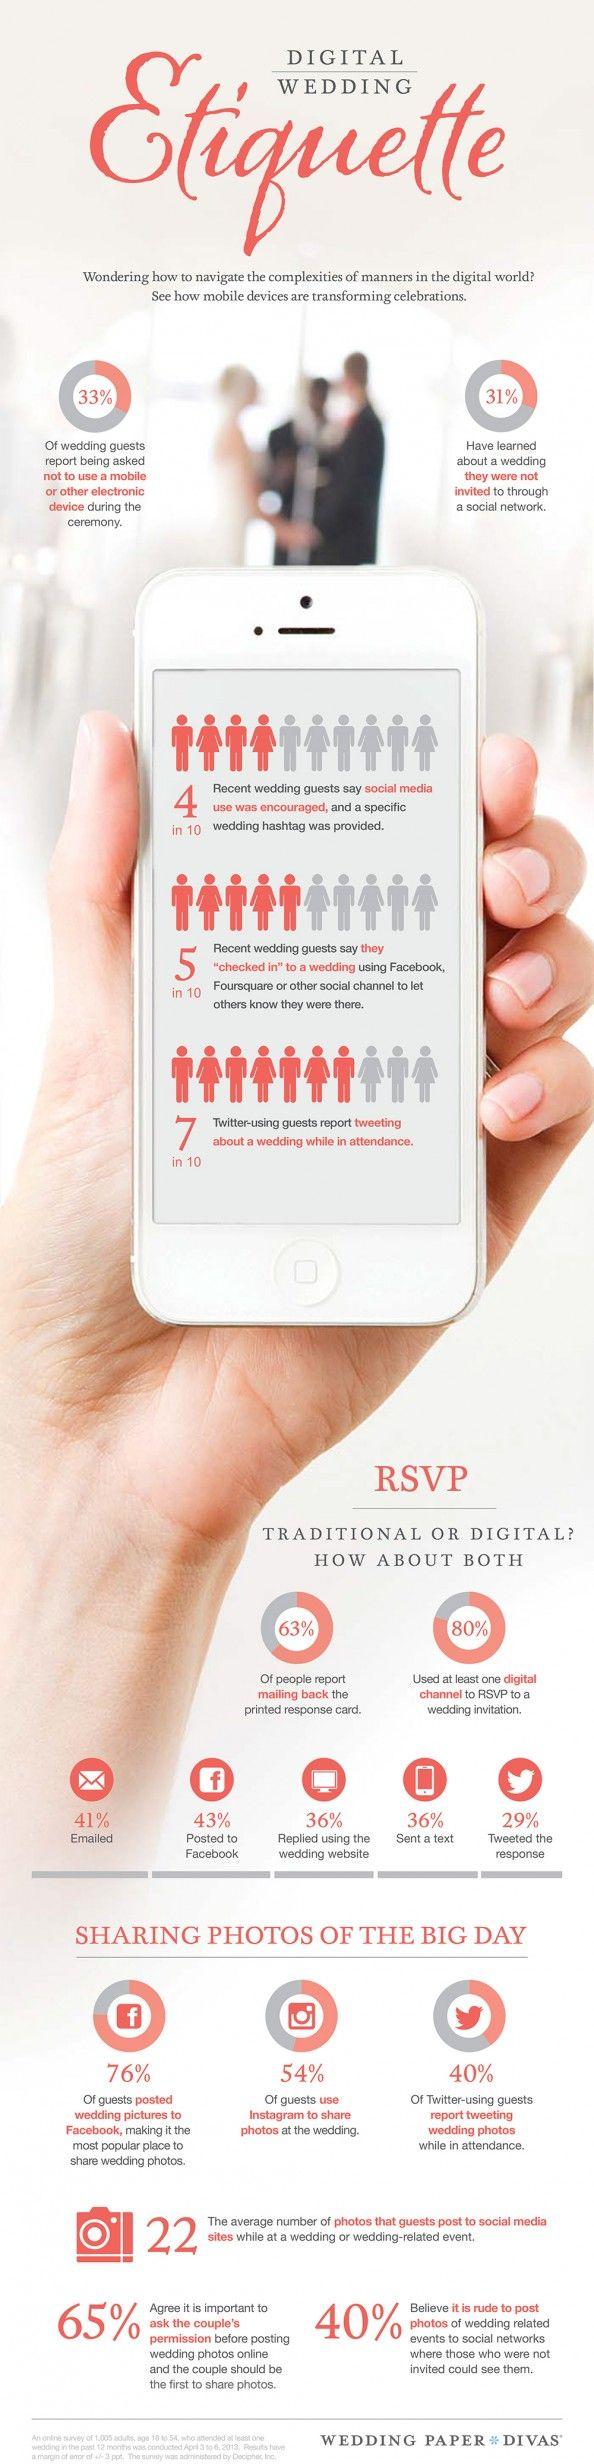 Digital Wedding Etiquette Infographic